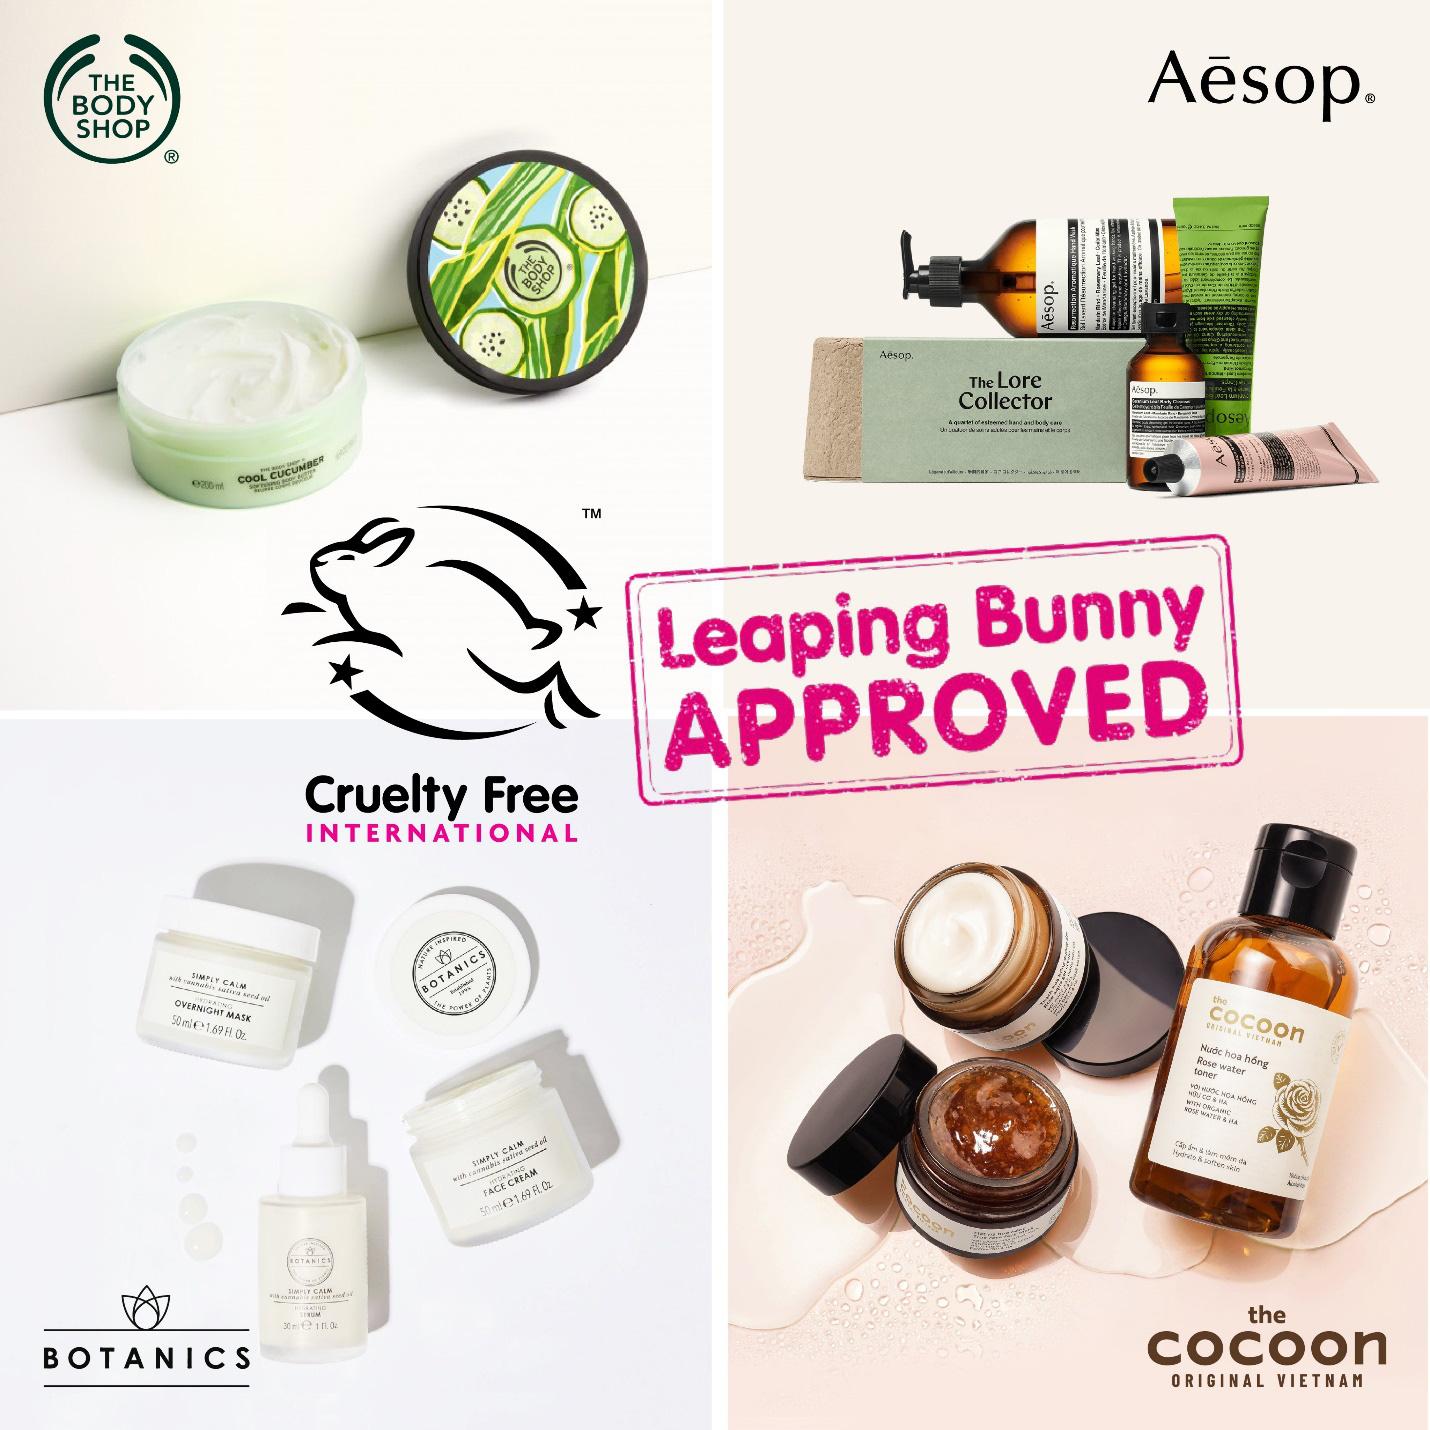 Cocoon - Mỹ phẩm Việt đầu tiên góp mặt trong danh sách không thử nghiệm trên động vật của Leaping Bunny - Ảnh 2.